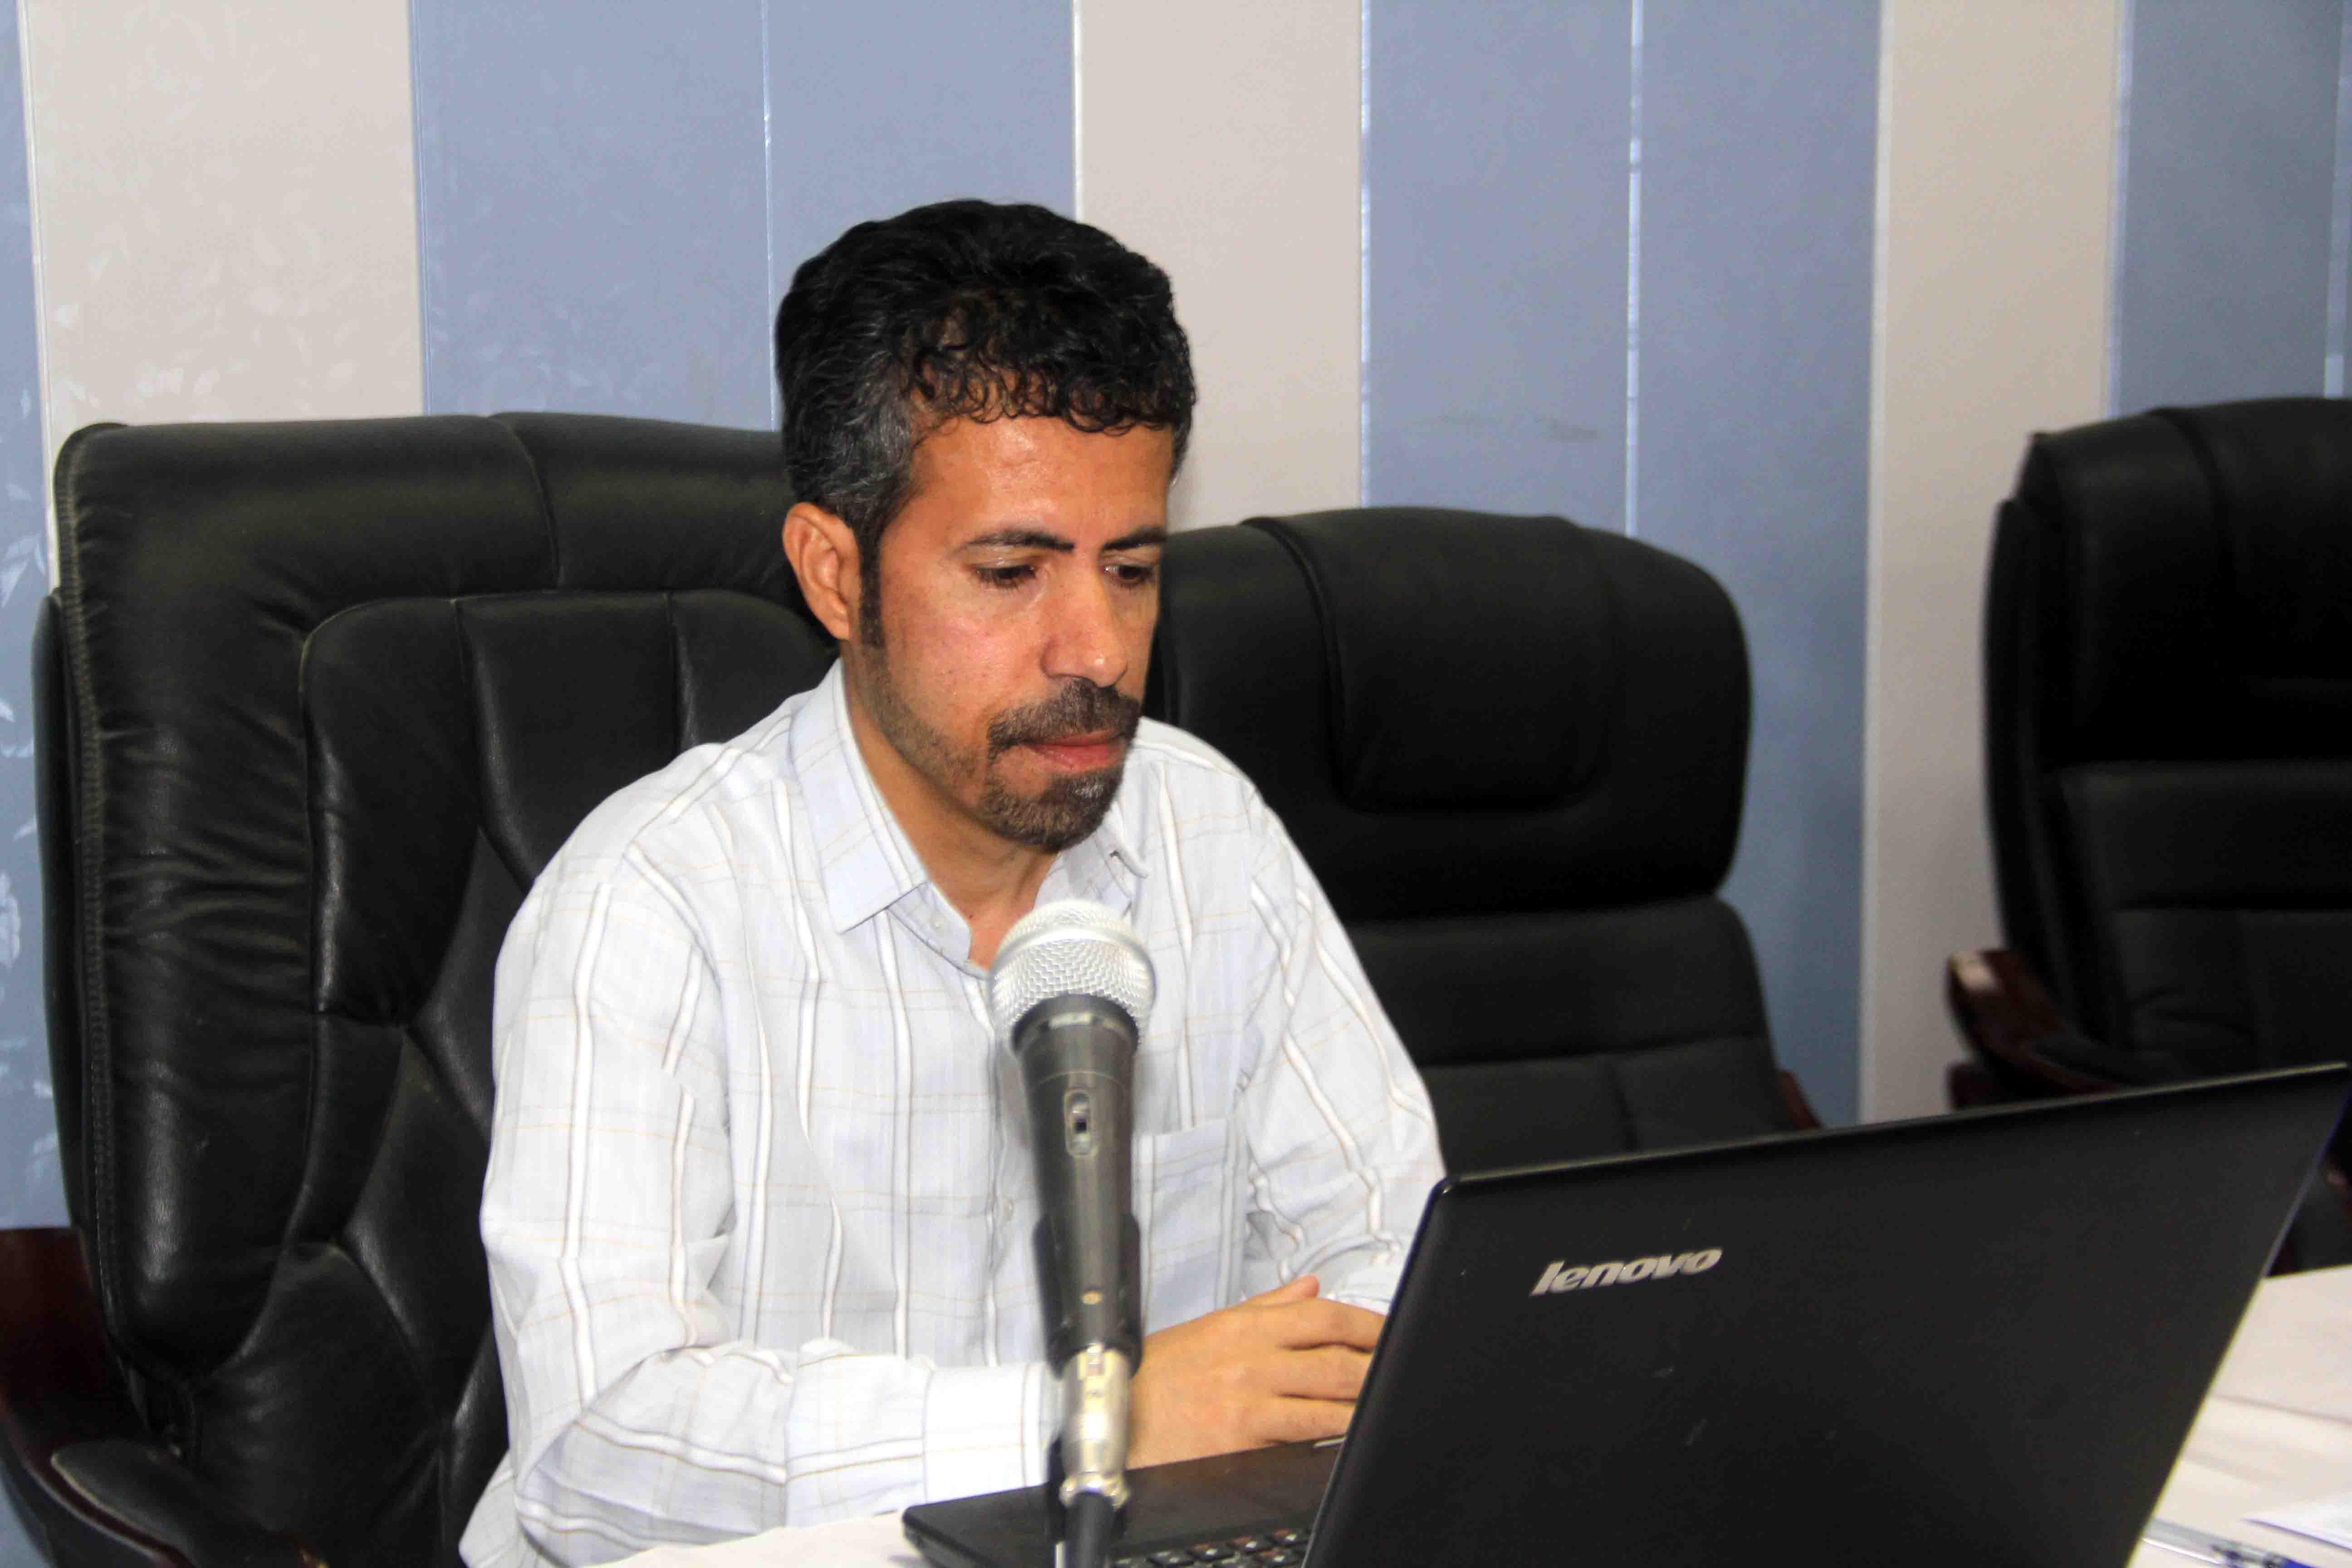 كلية الطب البيطري /جامعة القادسية تقيم دورة في تعليم اللغة العربية لموظفي الكلية